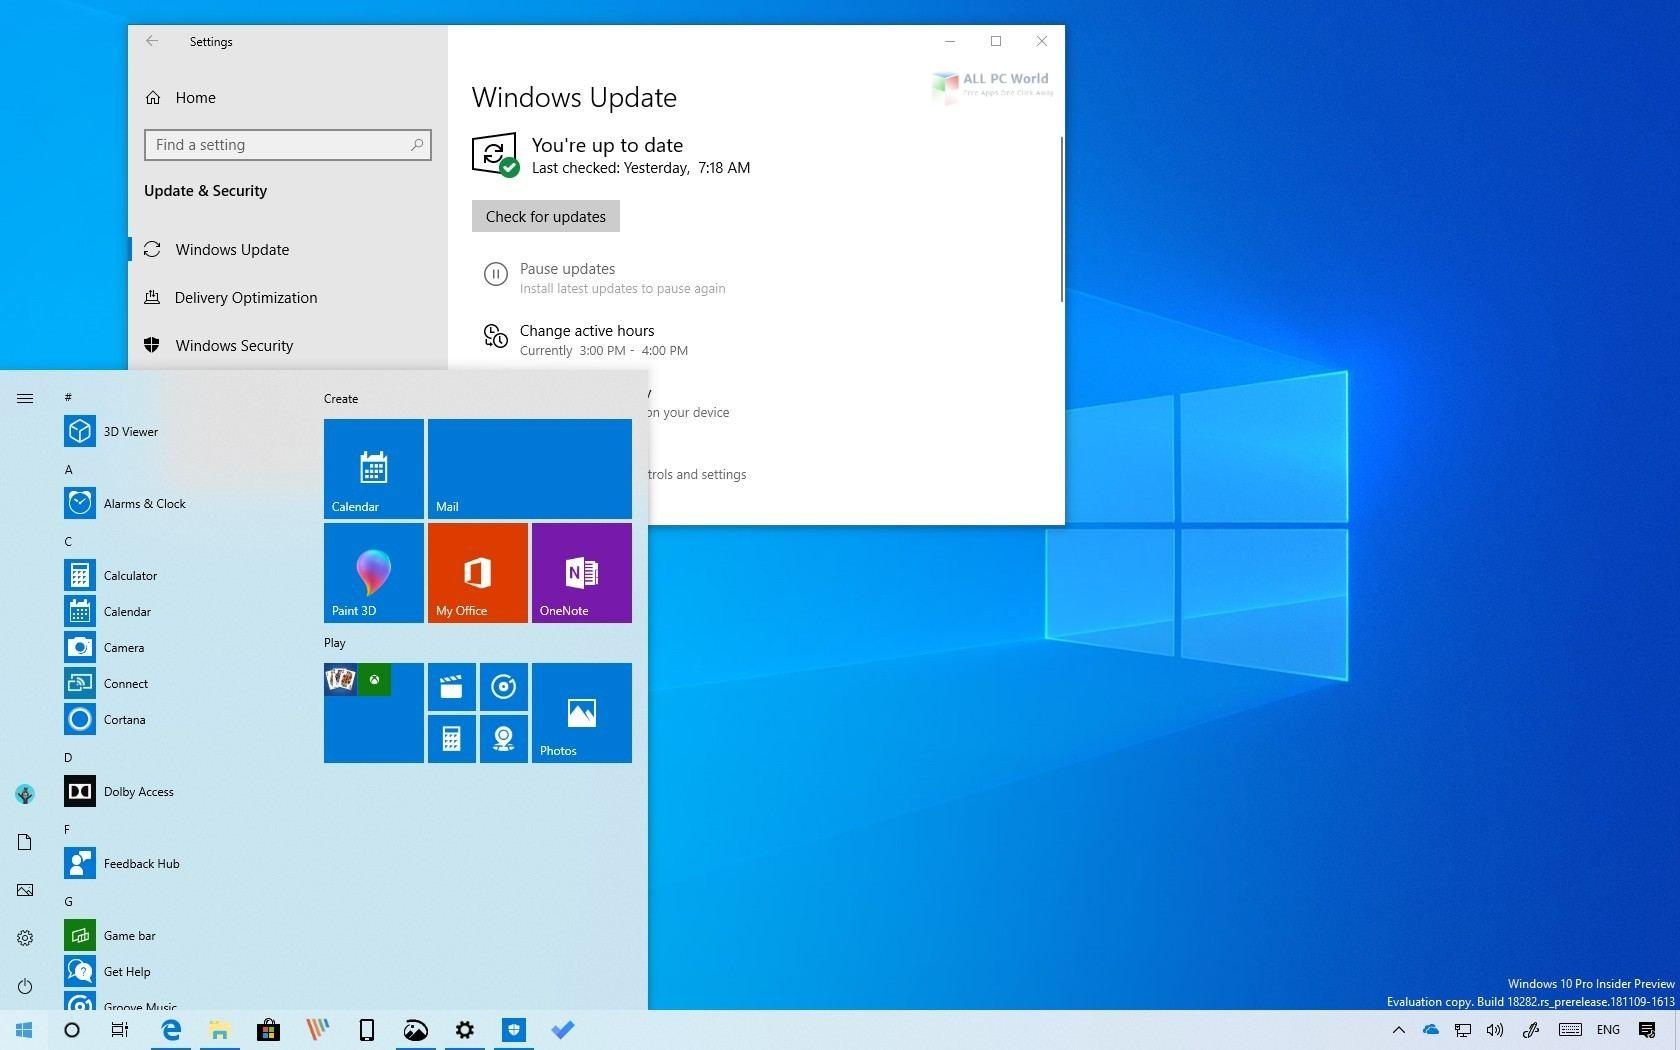 Windows 10 19H1 August 2019 Download